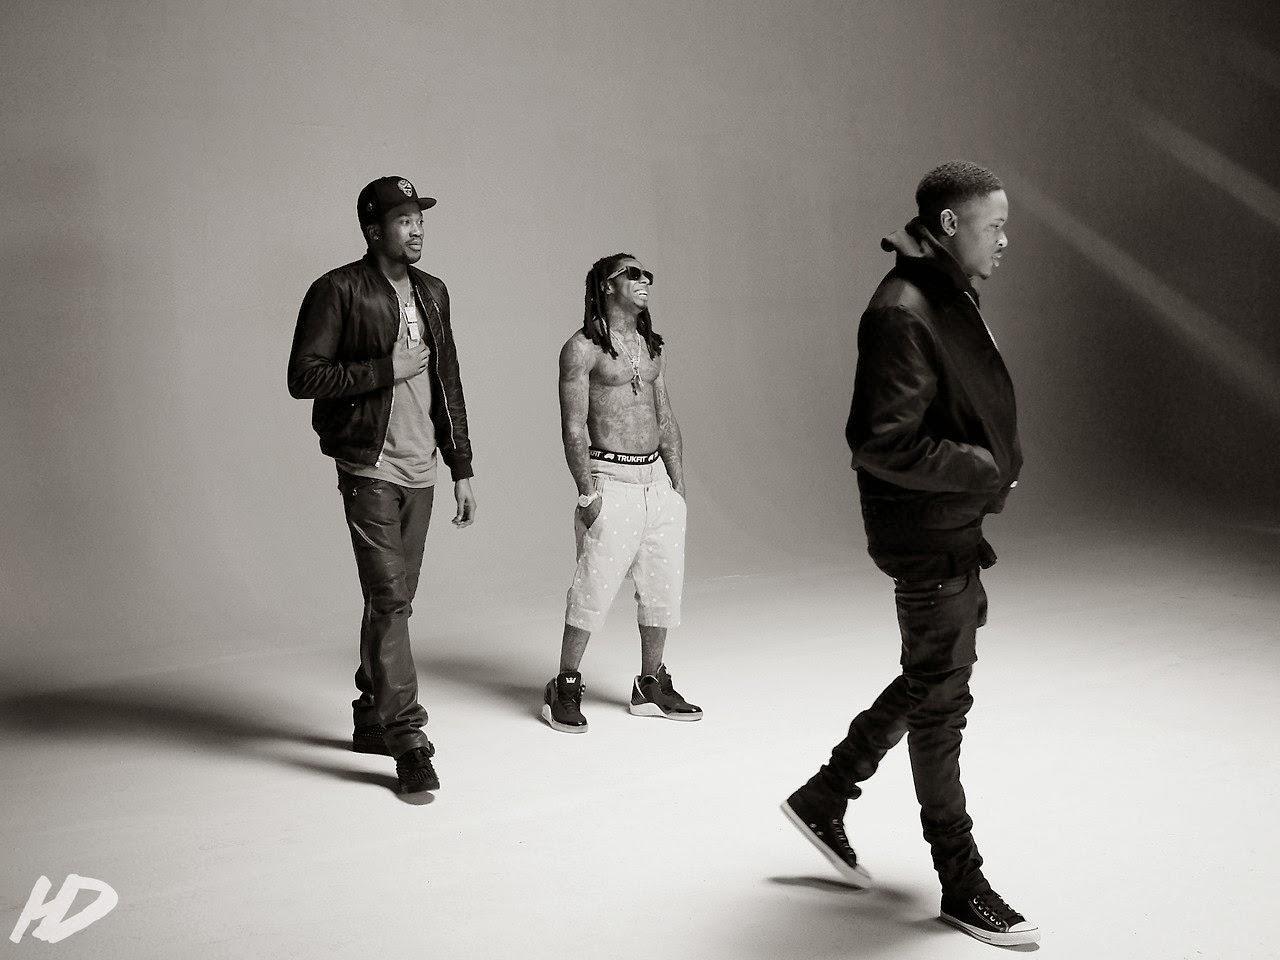 fotos de lil wayne yg y meek mill grabando el video del remix de my nigga